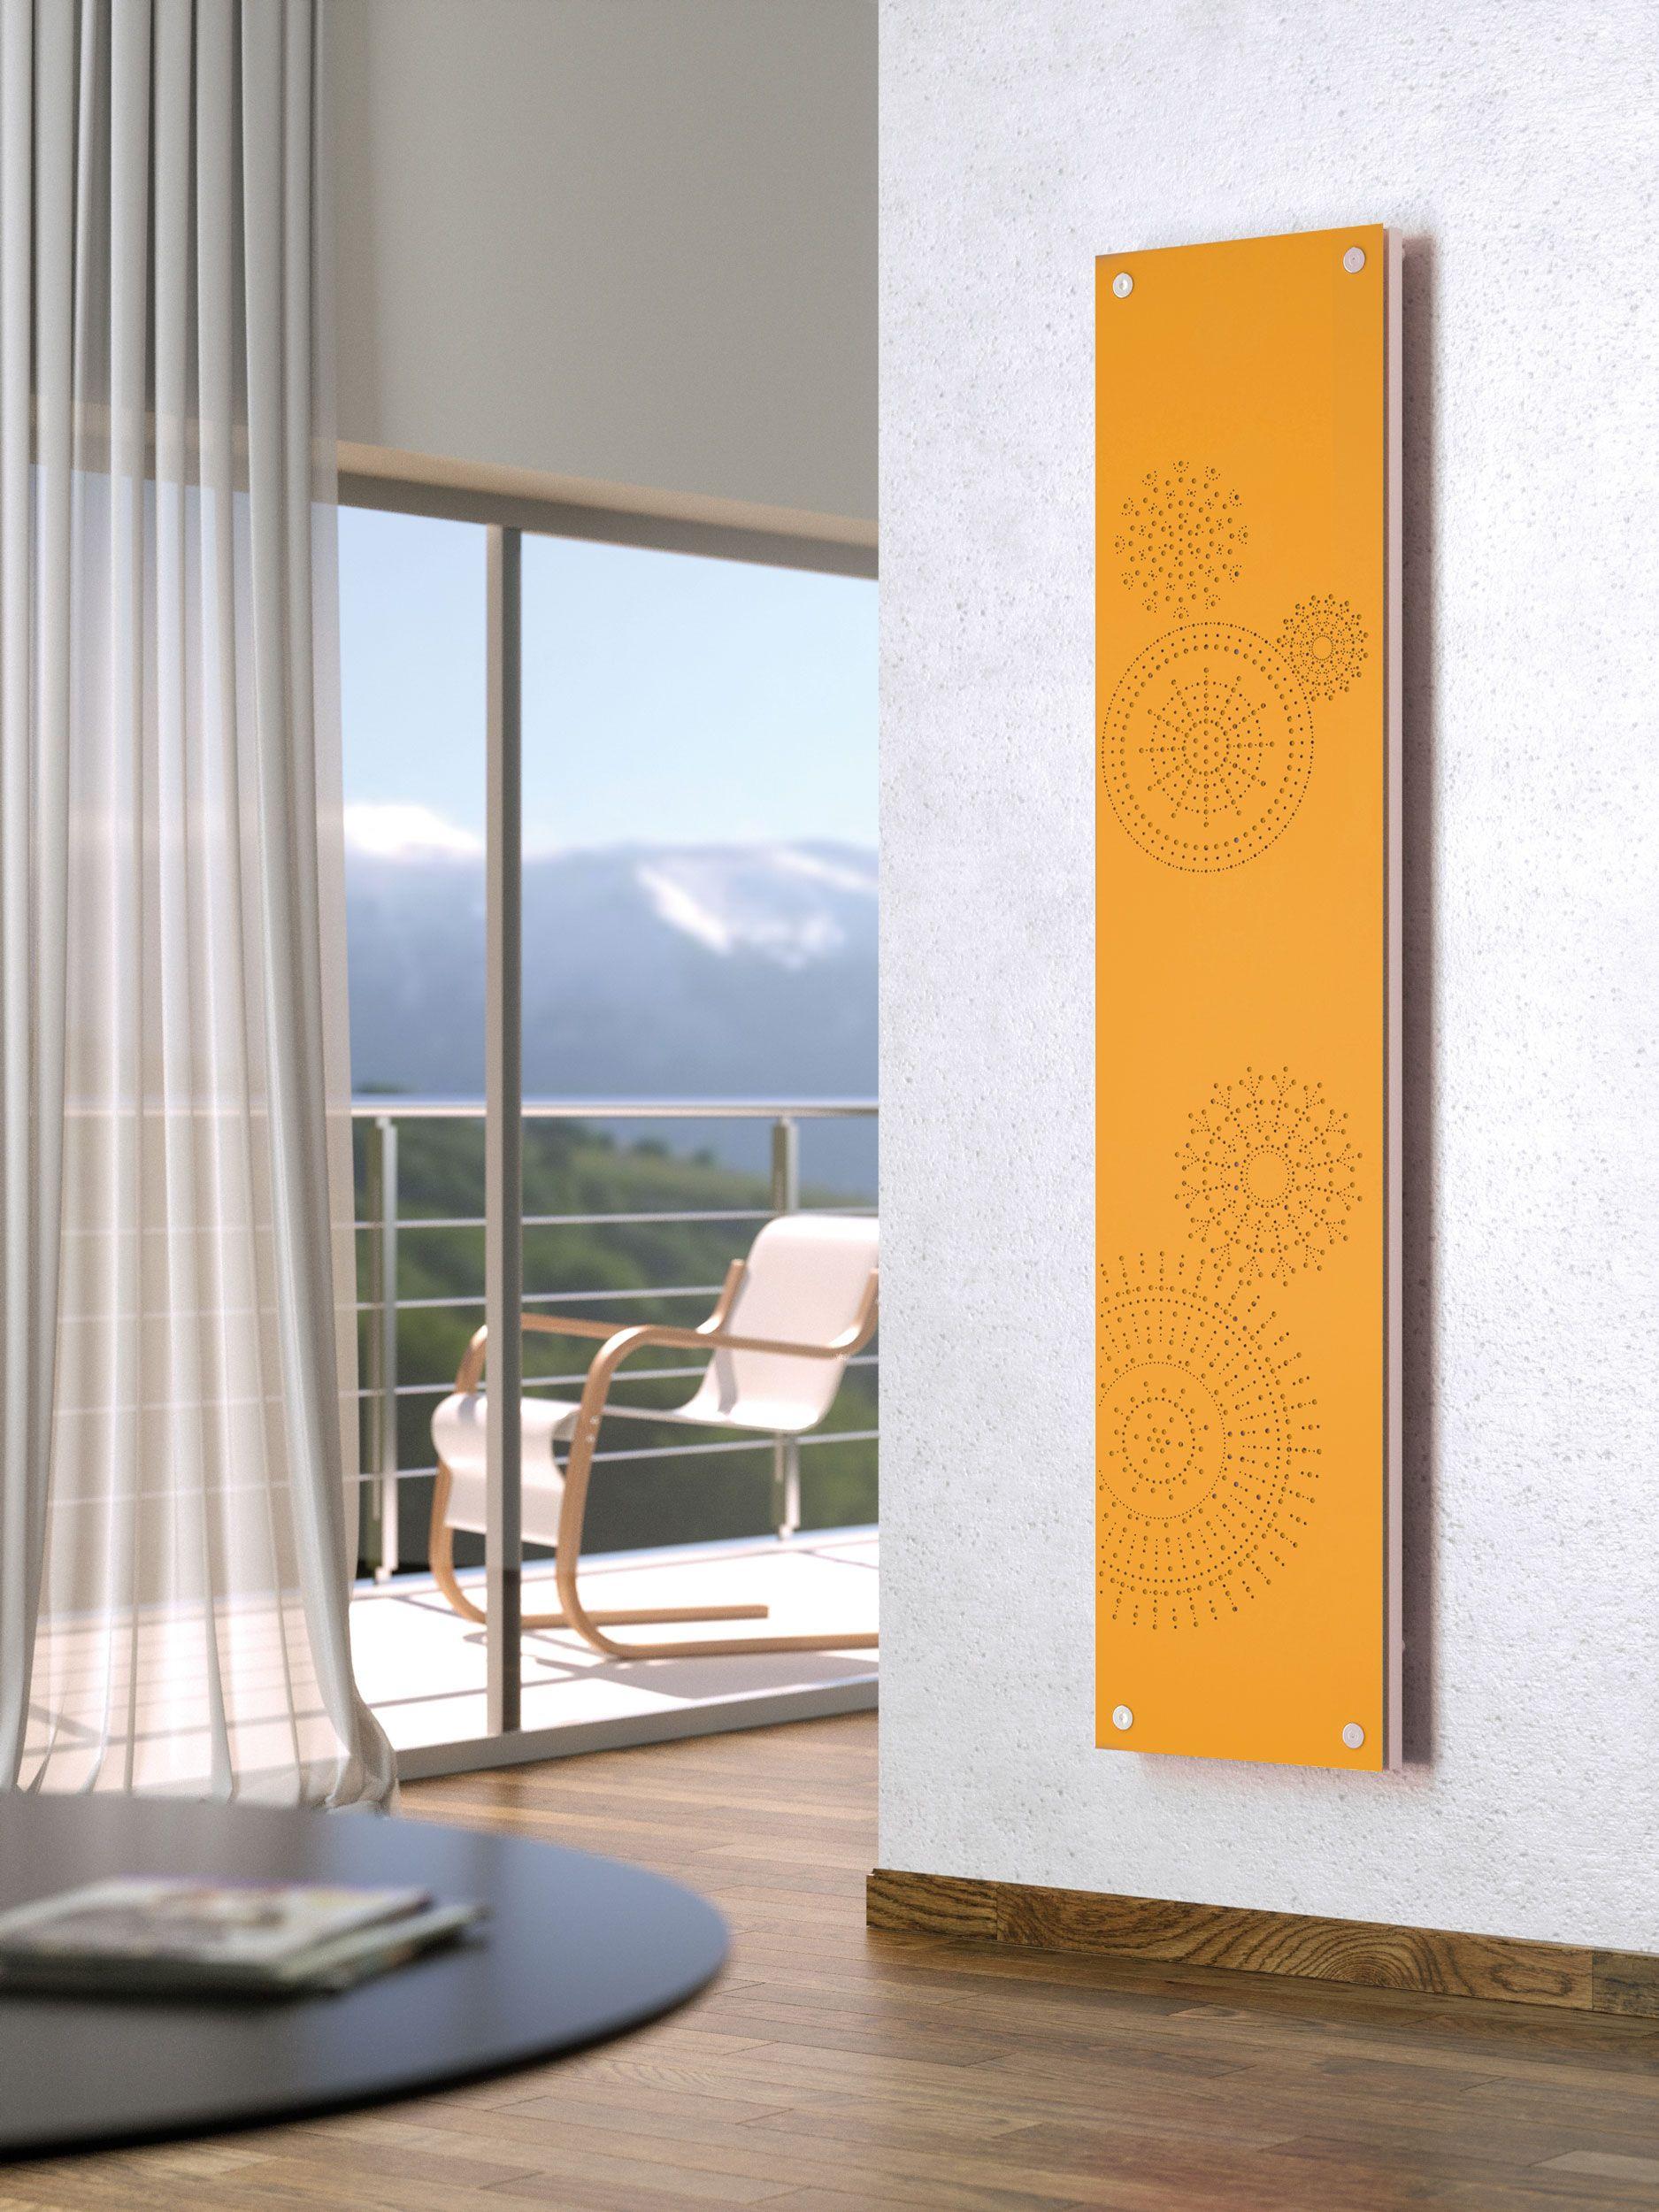 Bagno elettrico fabulous disegno delle altezze utili a posizionare un puntopresa per bagno with - Termoarredo per bagno 6 mq ...